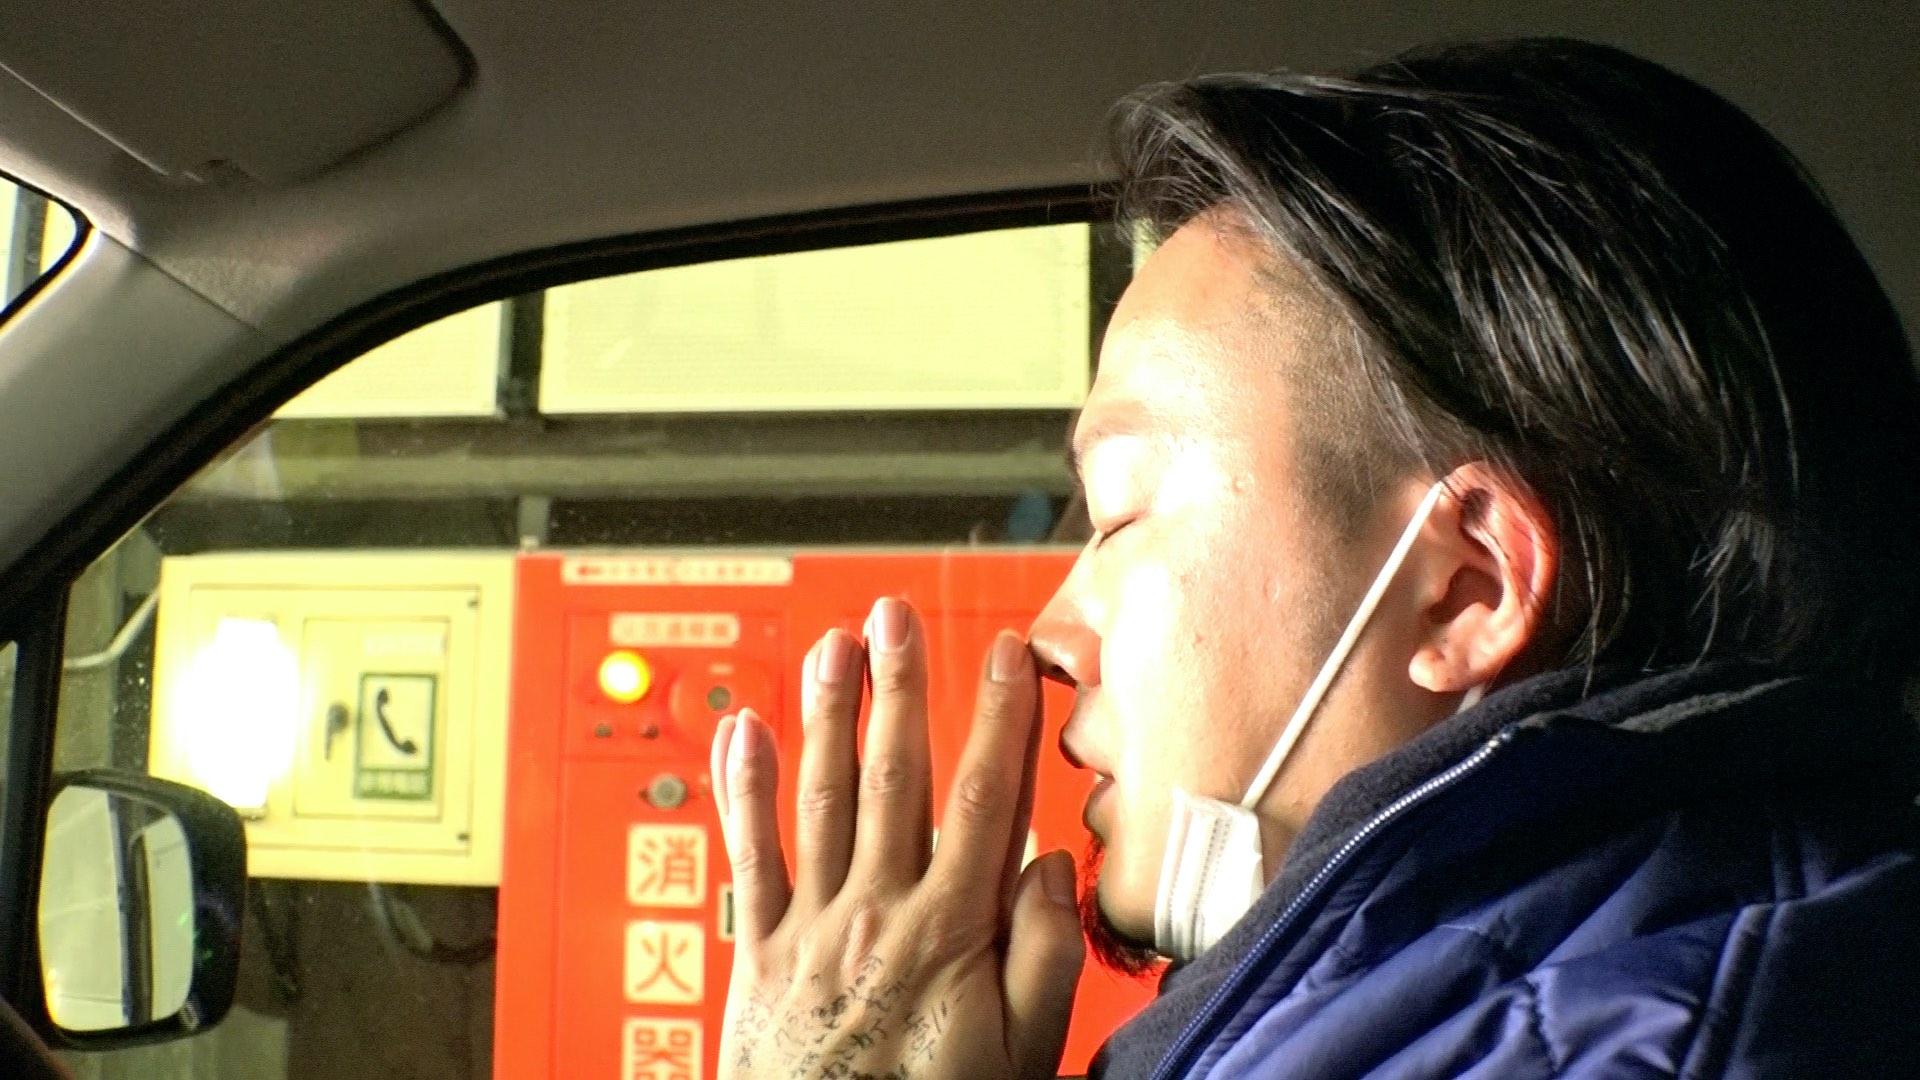 小林勝行2ndアルバム発表までに密着したドキュメンタリー『寛解の連続』が上映延期も、本来の上映期間に有料配信決定! film200518_hiphop_documentary_02